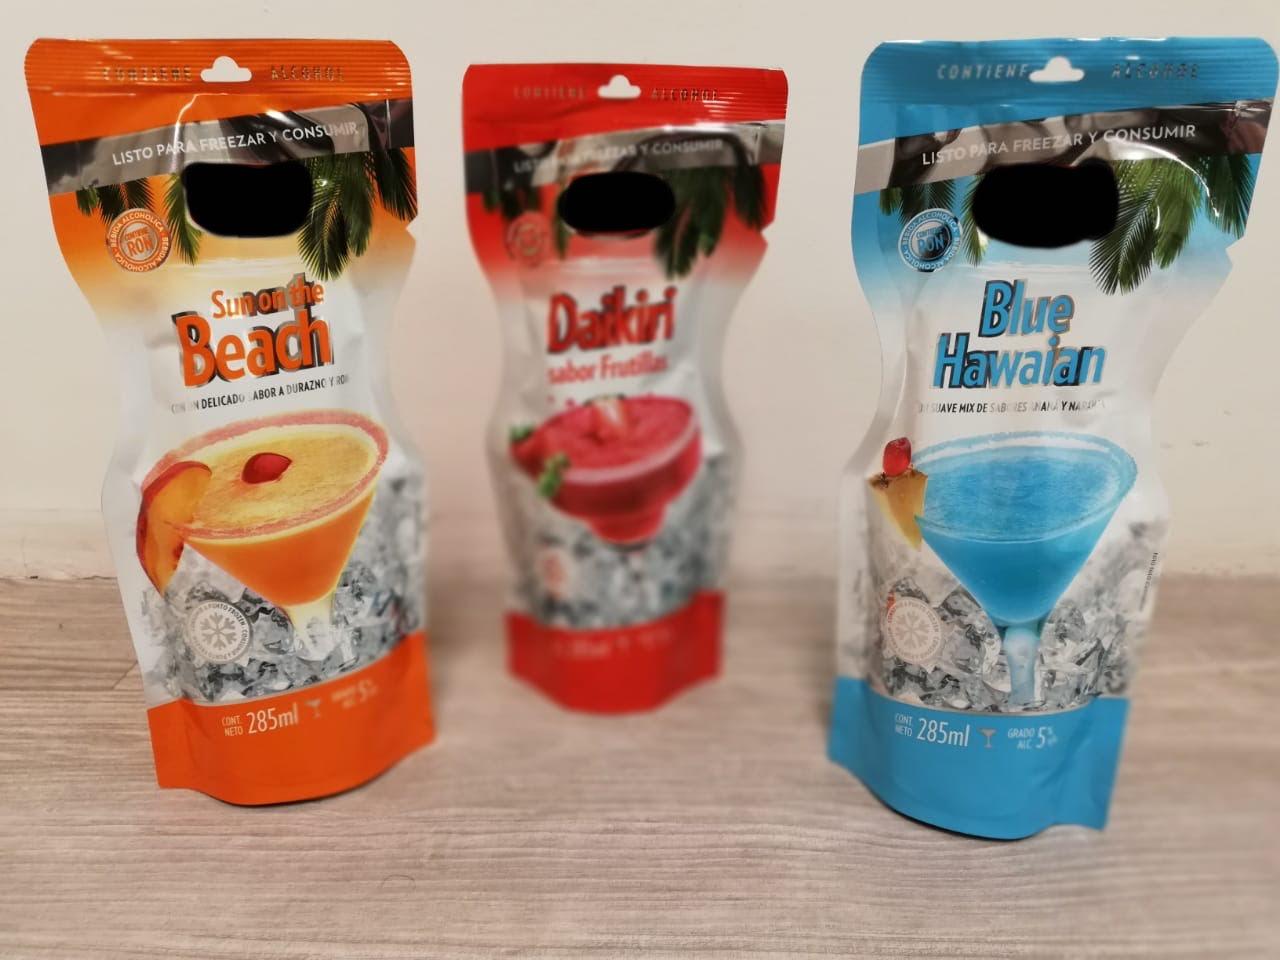 Preocupación por la venta de bebidas alcohólicas en envase de plástico